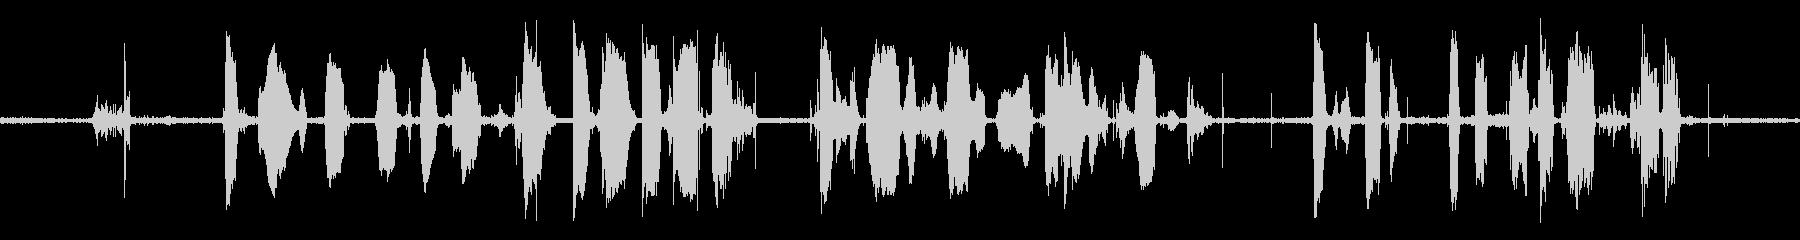 火星探査機:ラジオで準備トークを開始の未再生の波形